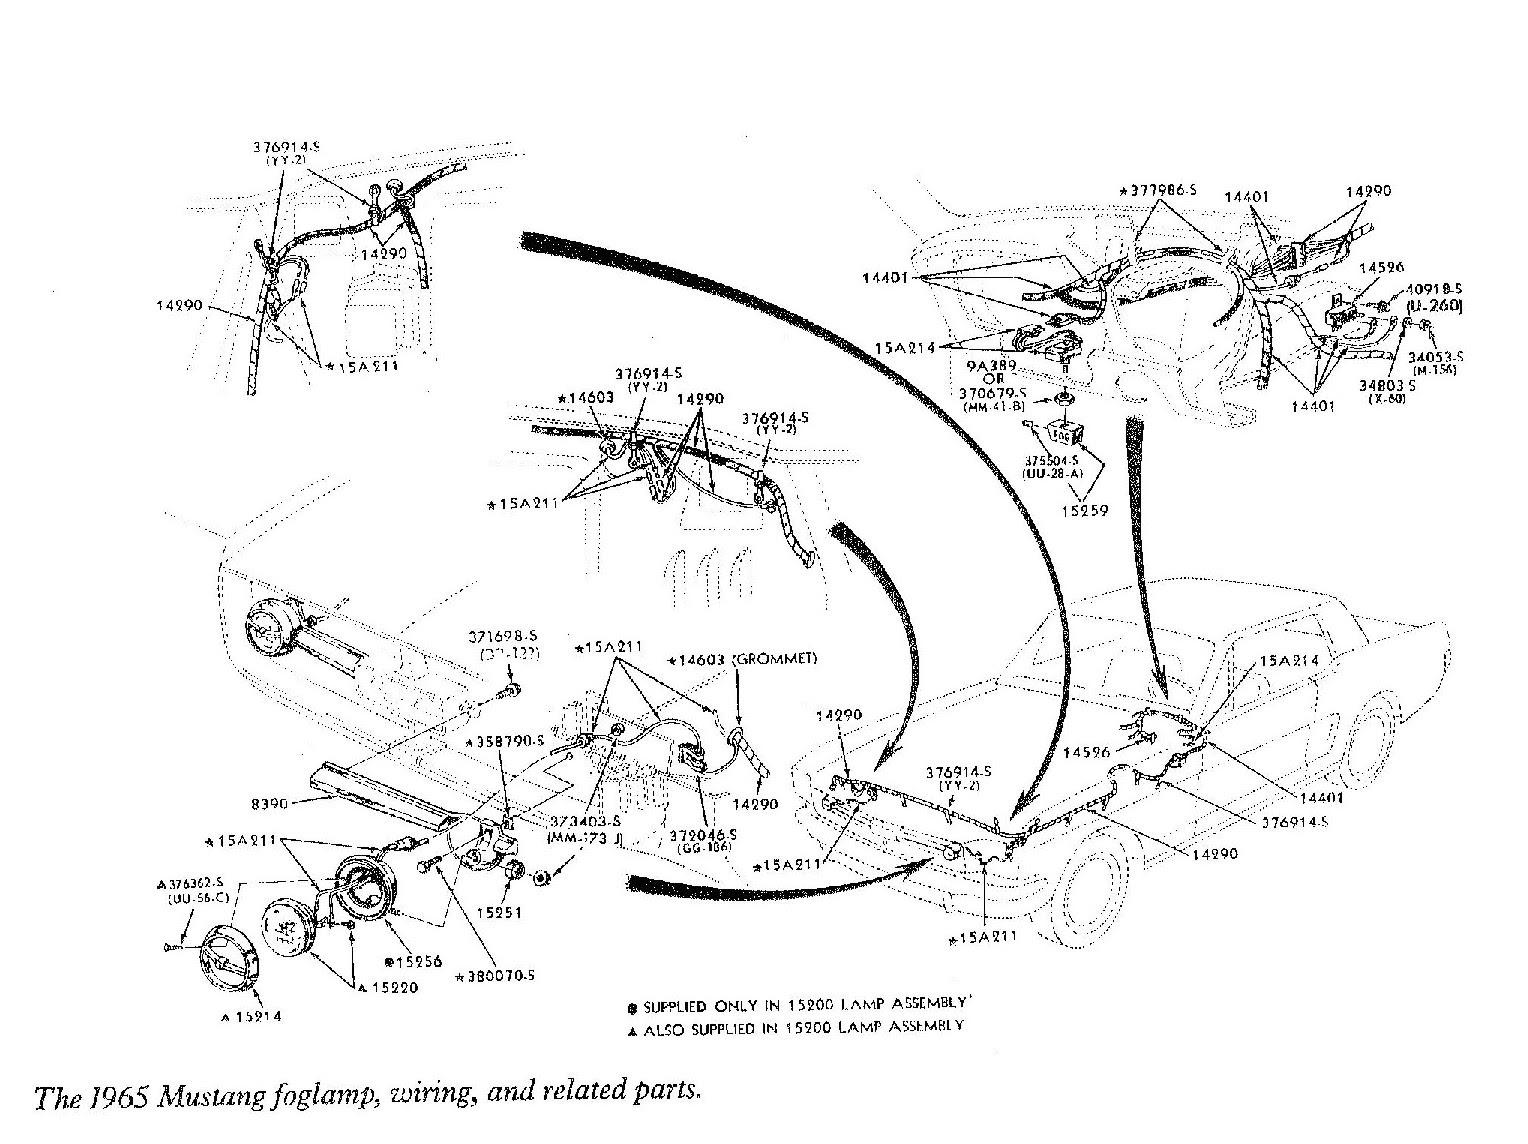 5ea6 70 Mustang Steering Column Wiring Diagram Wiring Library